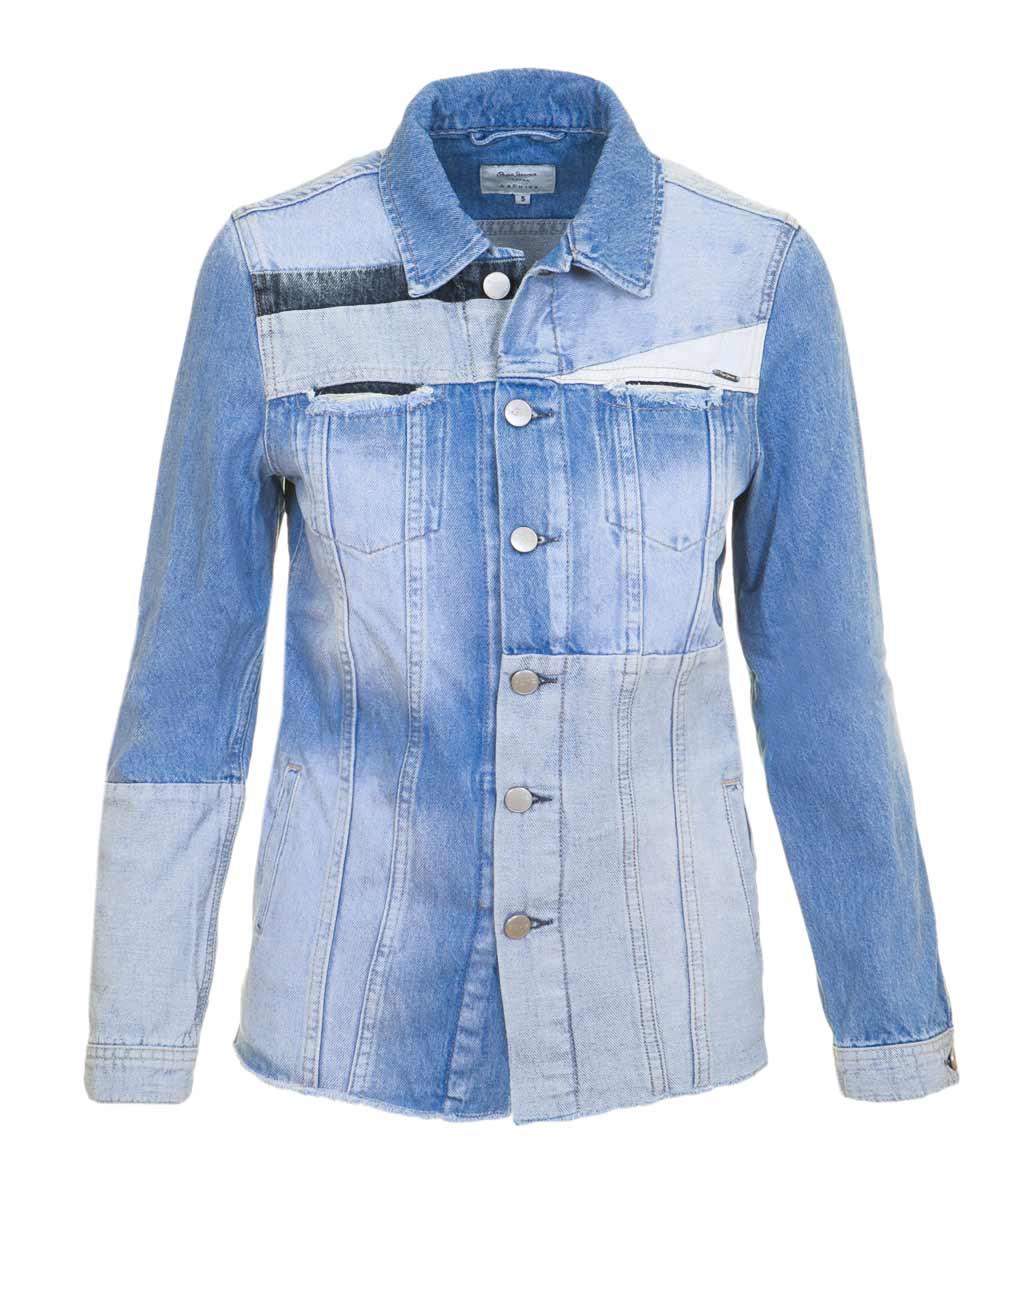 jacken auf rechnung bestellen als neukunde Pepe Jeans Damen Marken-Jeansjacke, hellblau Denim 652.180 MISSFORTY